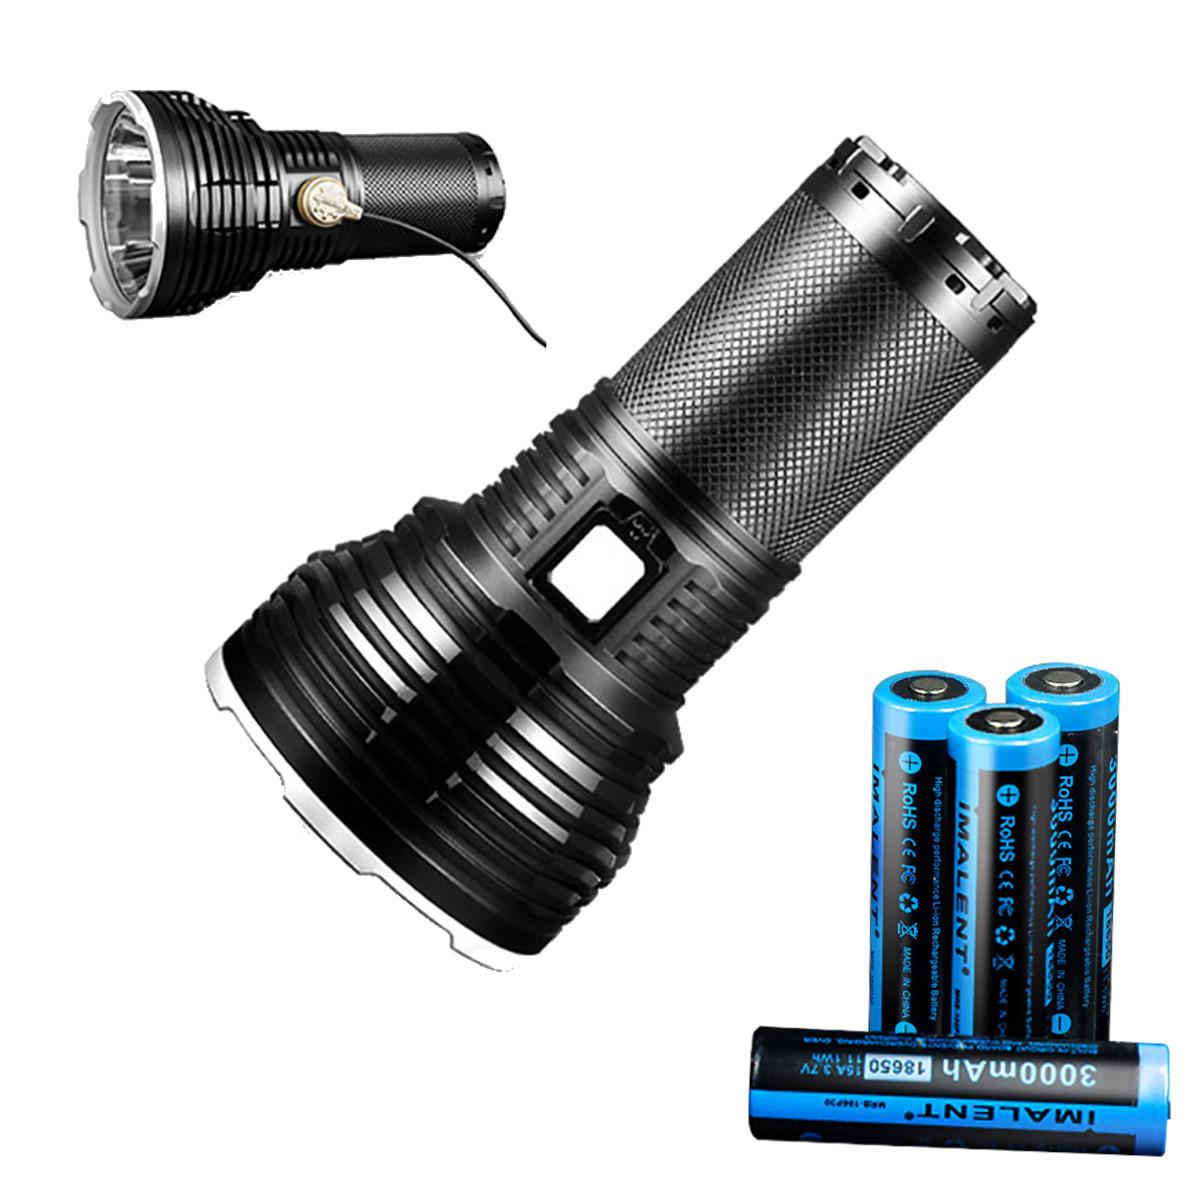 IMALENT RT35 KIT XHP35 HI 2350LM 1338m超明るい長時間鳴らしたUSB磁気充電多機能充電インジケータインテリジェント温度制御LED懐中電灯スーツwith 4x 18650